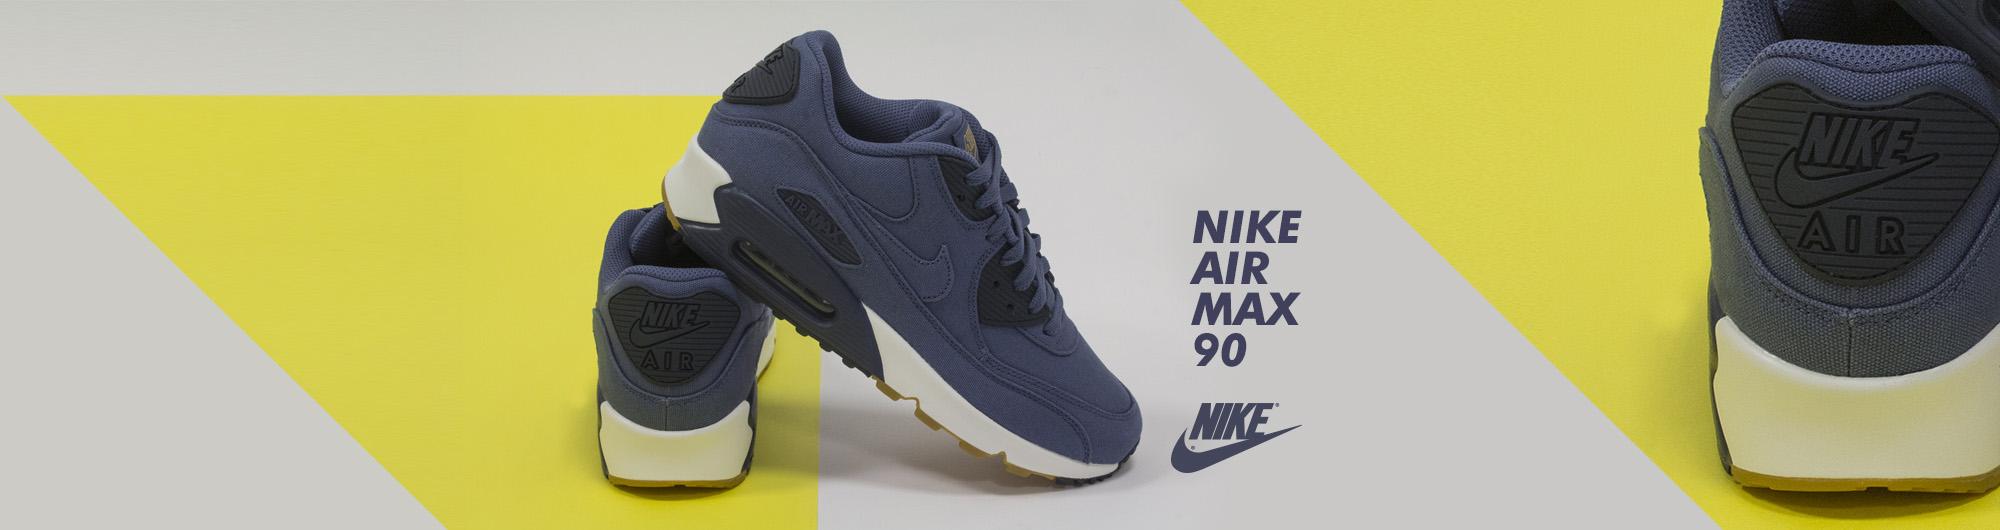 BTV1-Nike_Air_Max_90s